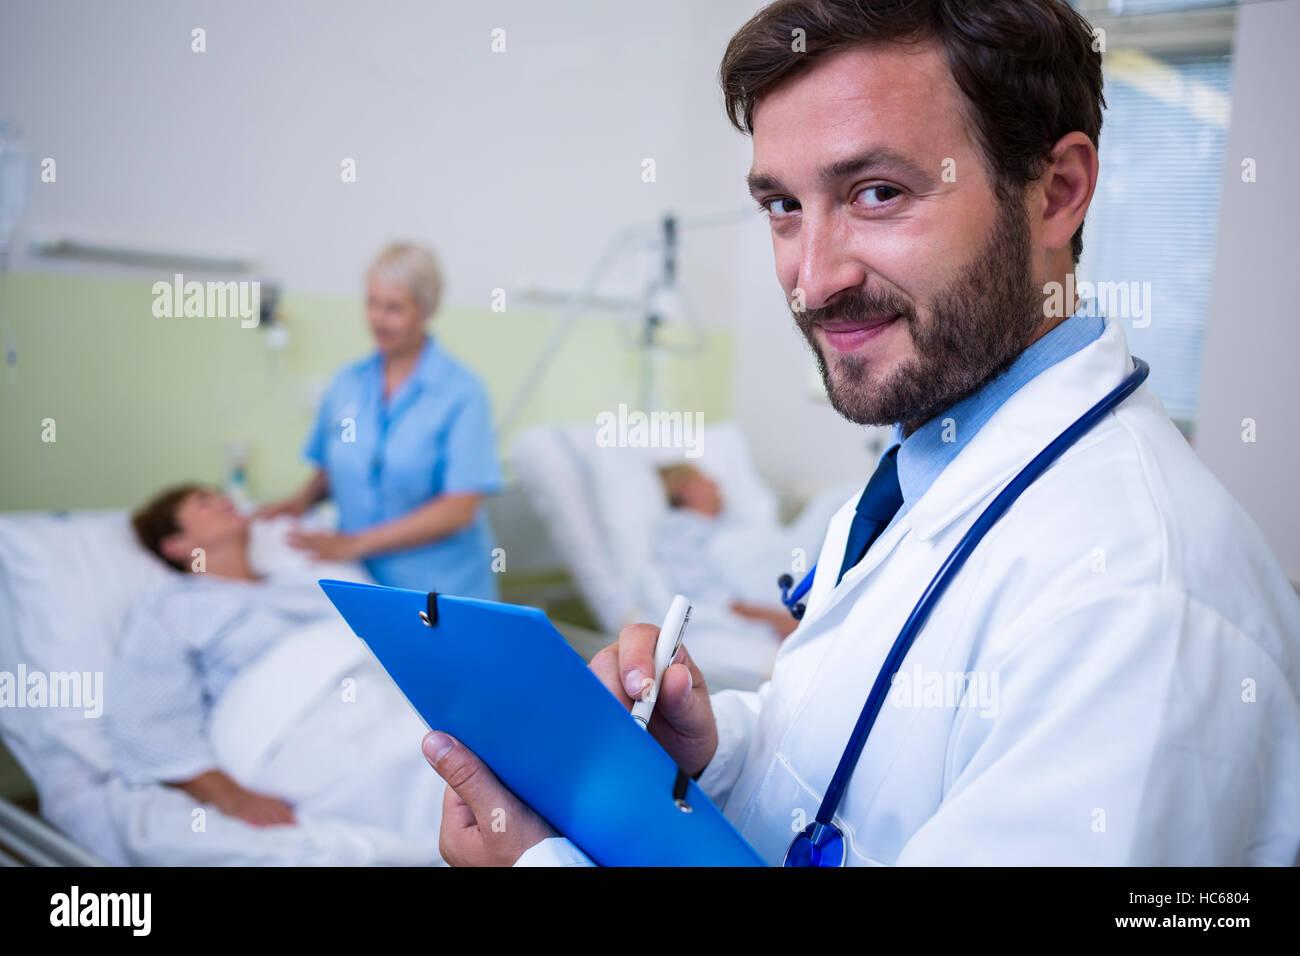 Portrait of smiling doctor vérification d'un rapport médical Banque D'Images